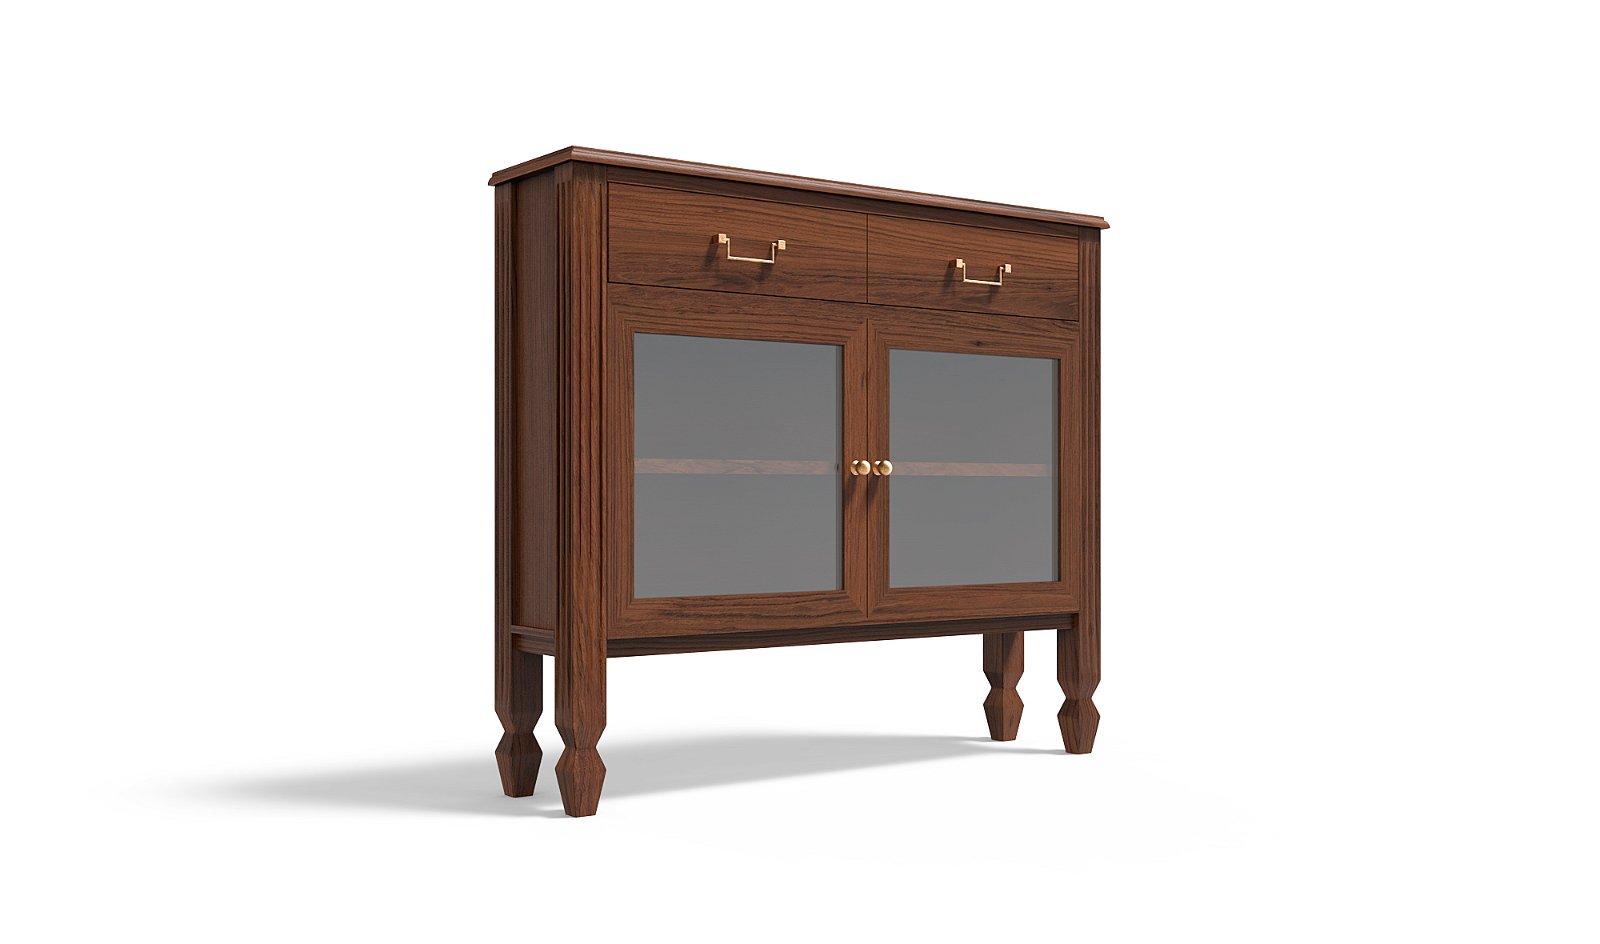 Mueble de entrada 2 puertas colonial Brookling